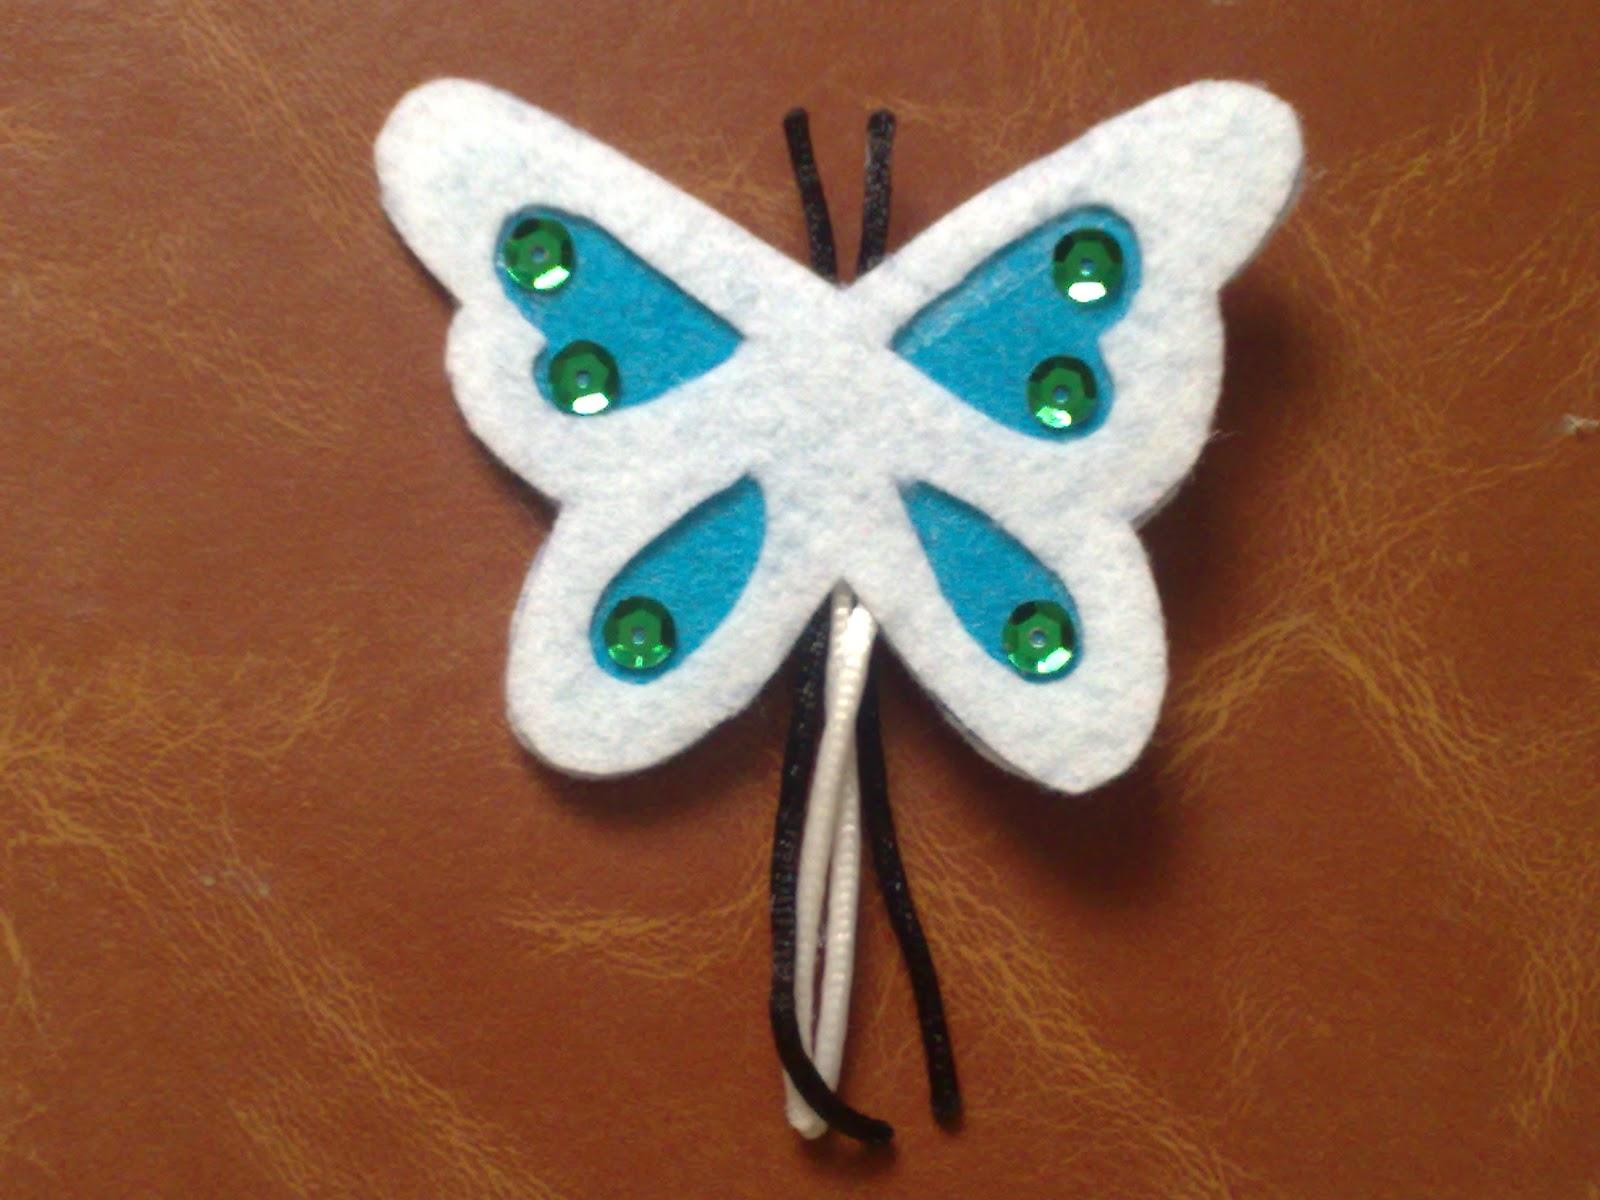 Manualidades de fieltro broches mariposa - Broches para manualidades ...